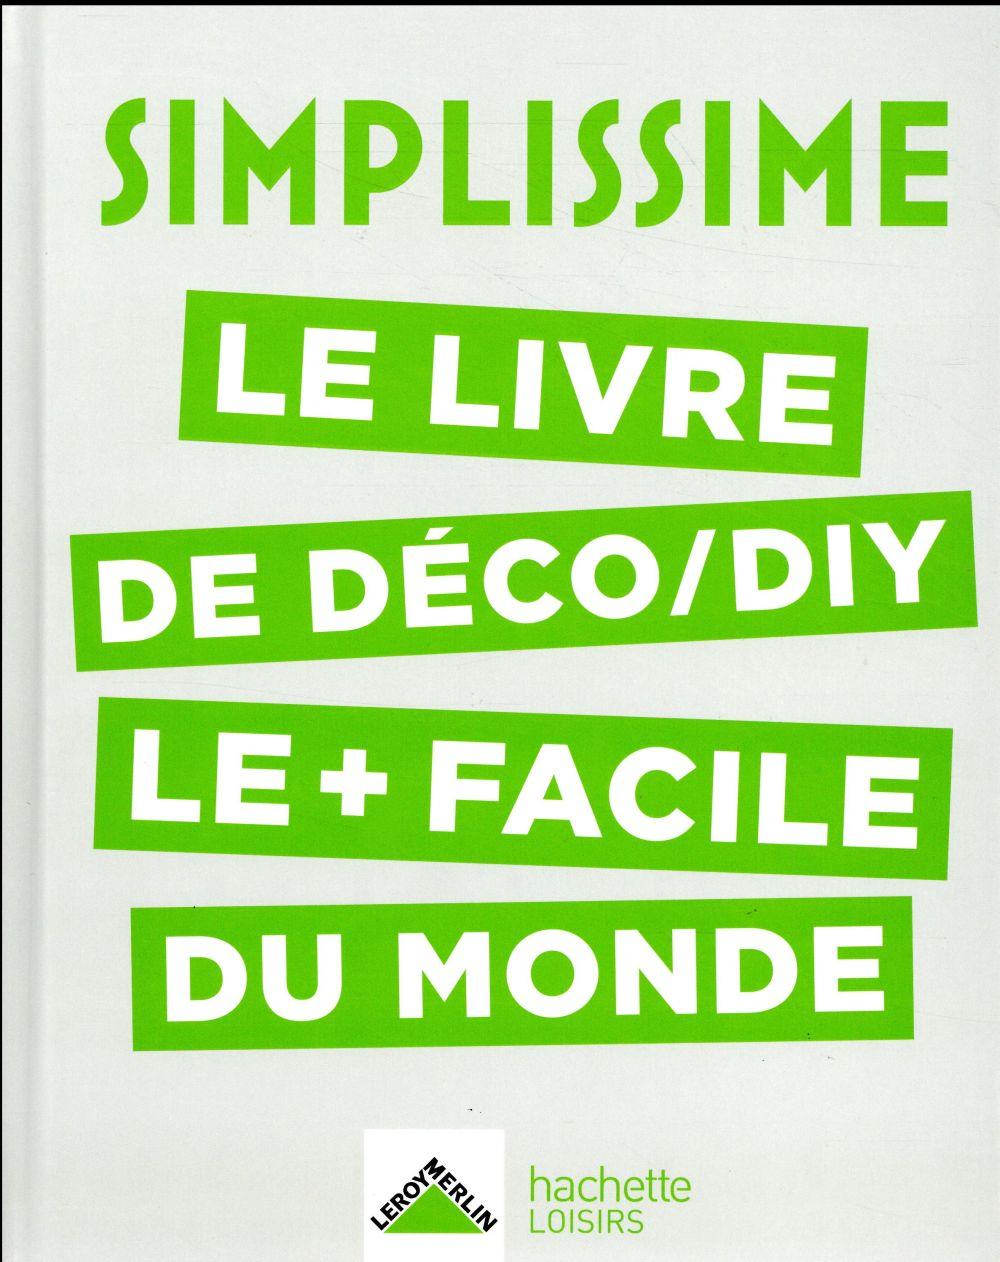 Simplissime ; le livre de déco/diy le + facile du monde